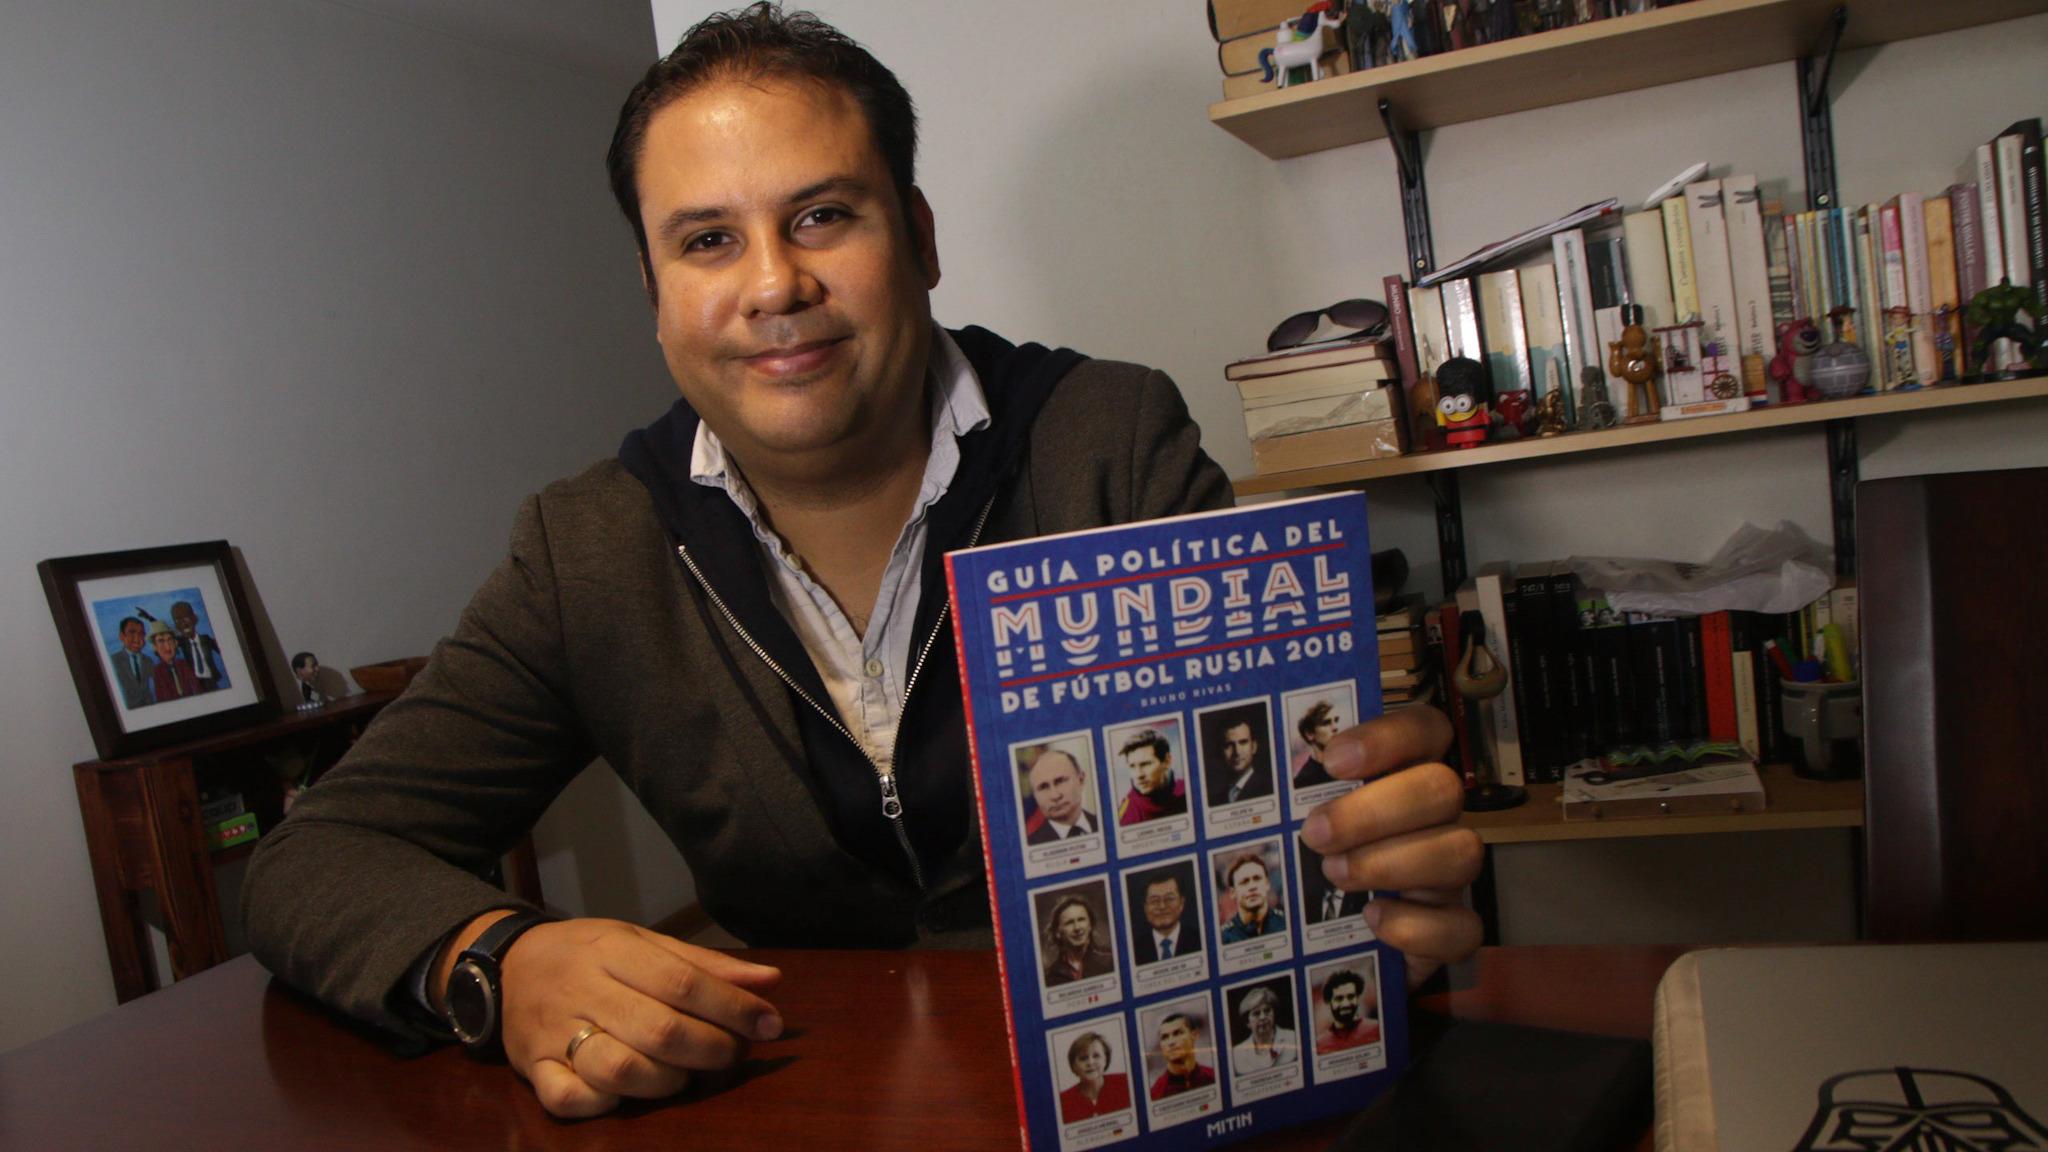 El periodista Bruno Rivas explica los detalles de la